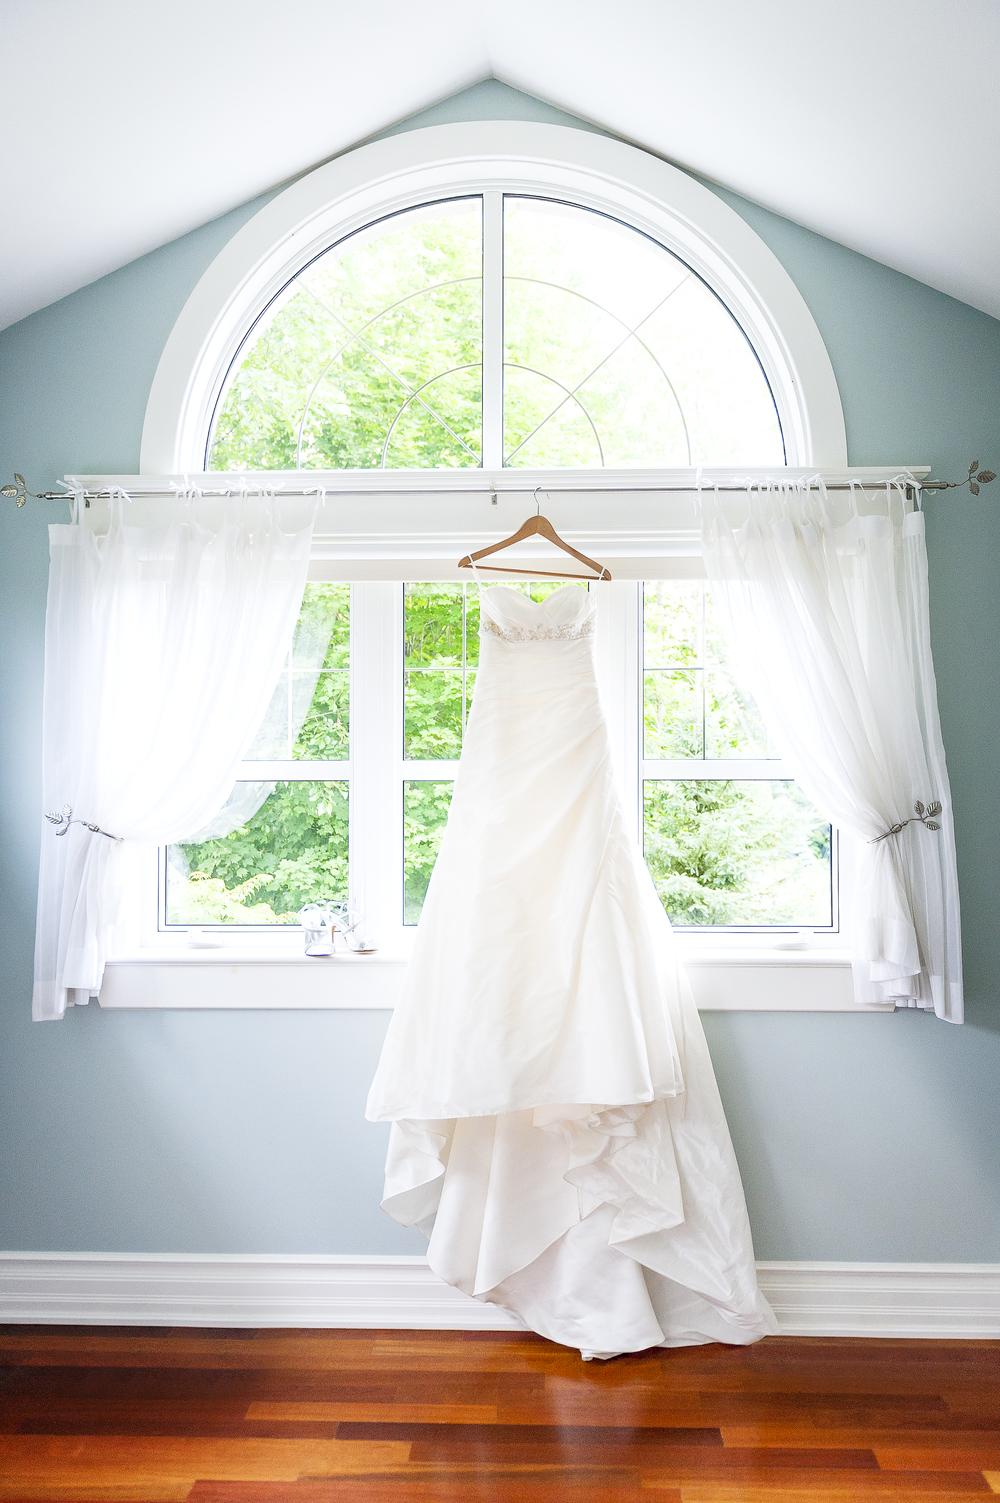 20150621 - The Dress.jpg